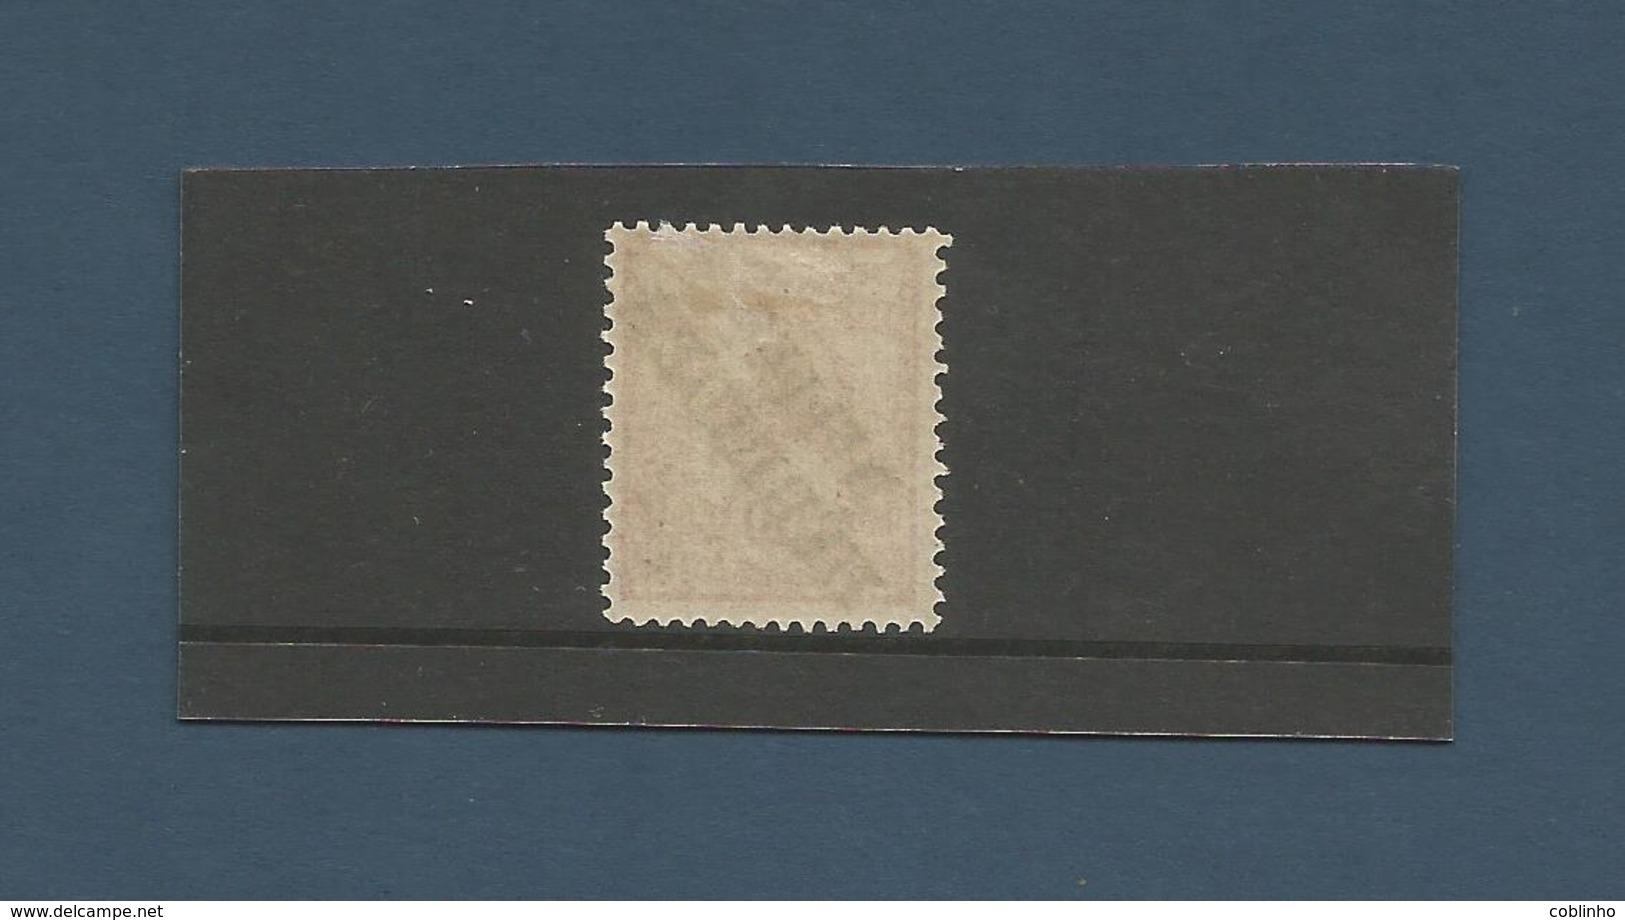 NOUVELLES HEBRIDES (New Hebrides) - ESSAI DE SURCHAGE (overprint Essay) - 1908 - 10 Centimes * - Non Classés